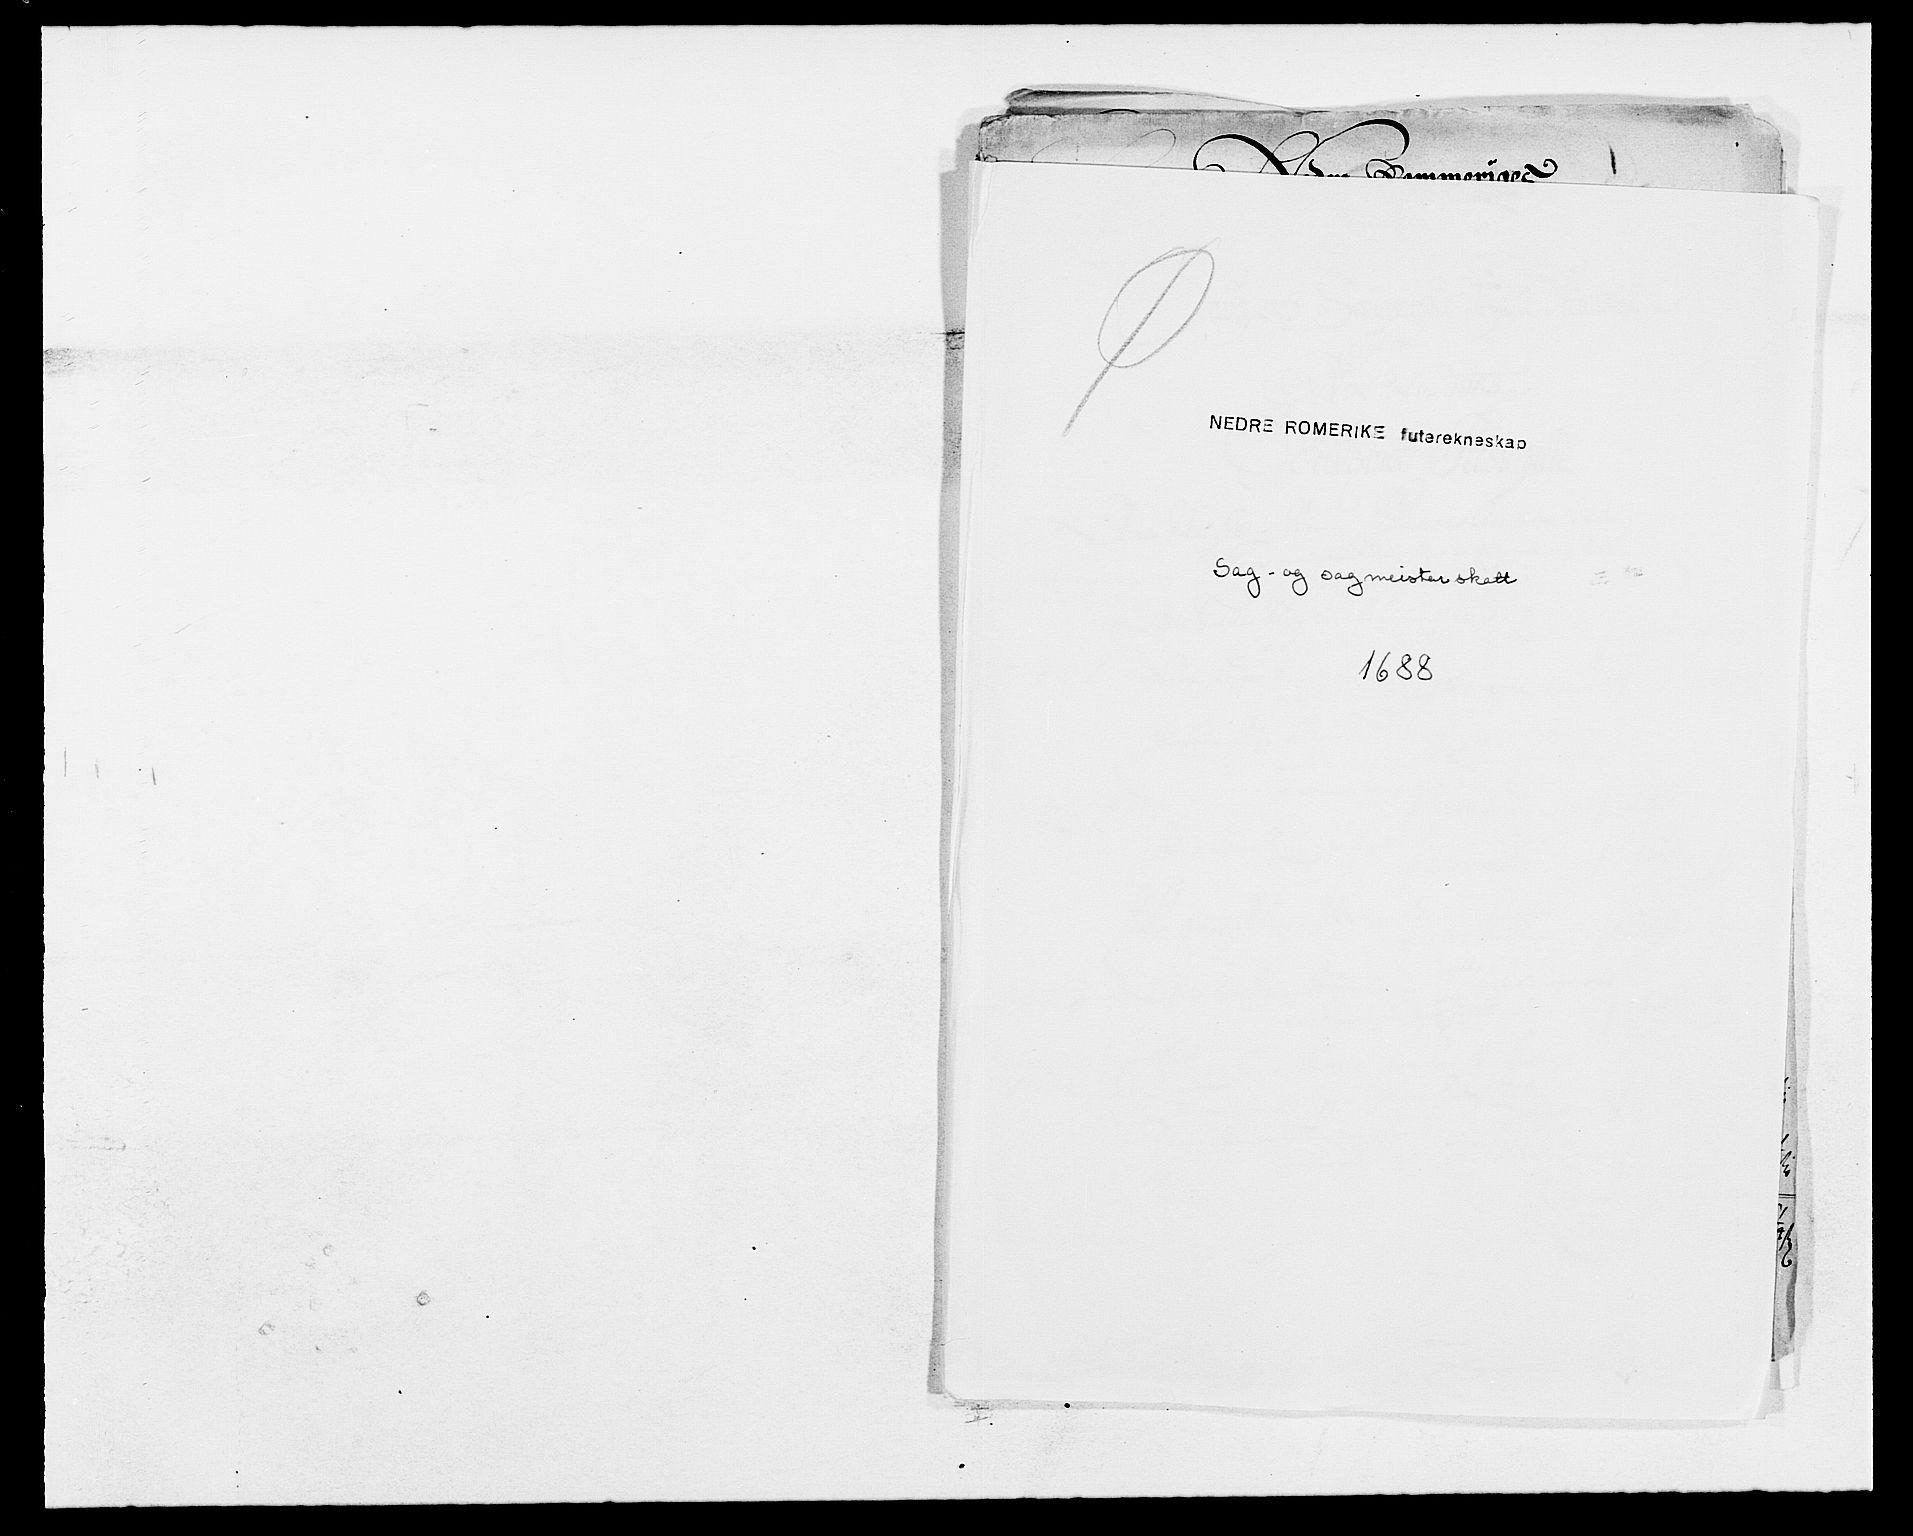 RA, Rentekammeret inntil 1814, Reviderte regnskaper, Fogderegnskap, R11/L0573: Fogderegnskap Nedre Romerike, 1679-1688, s. 27